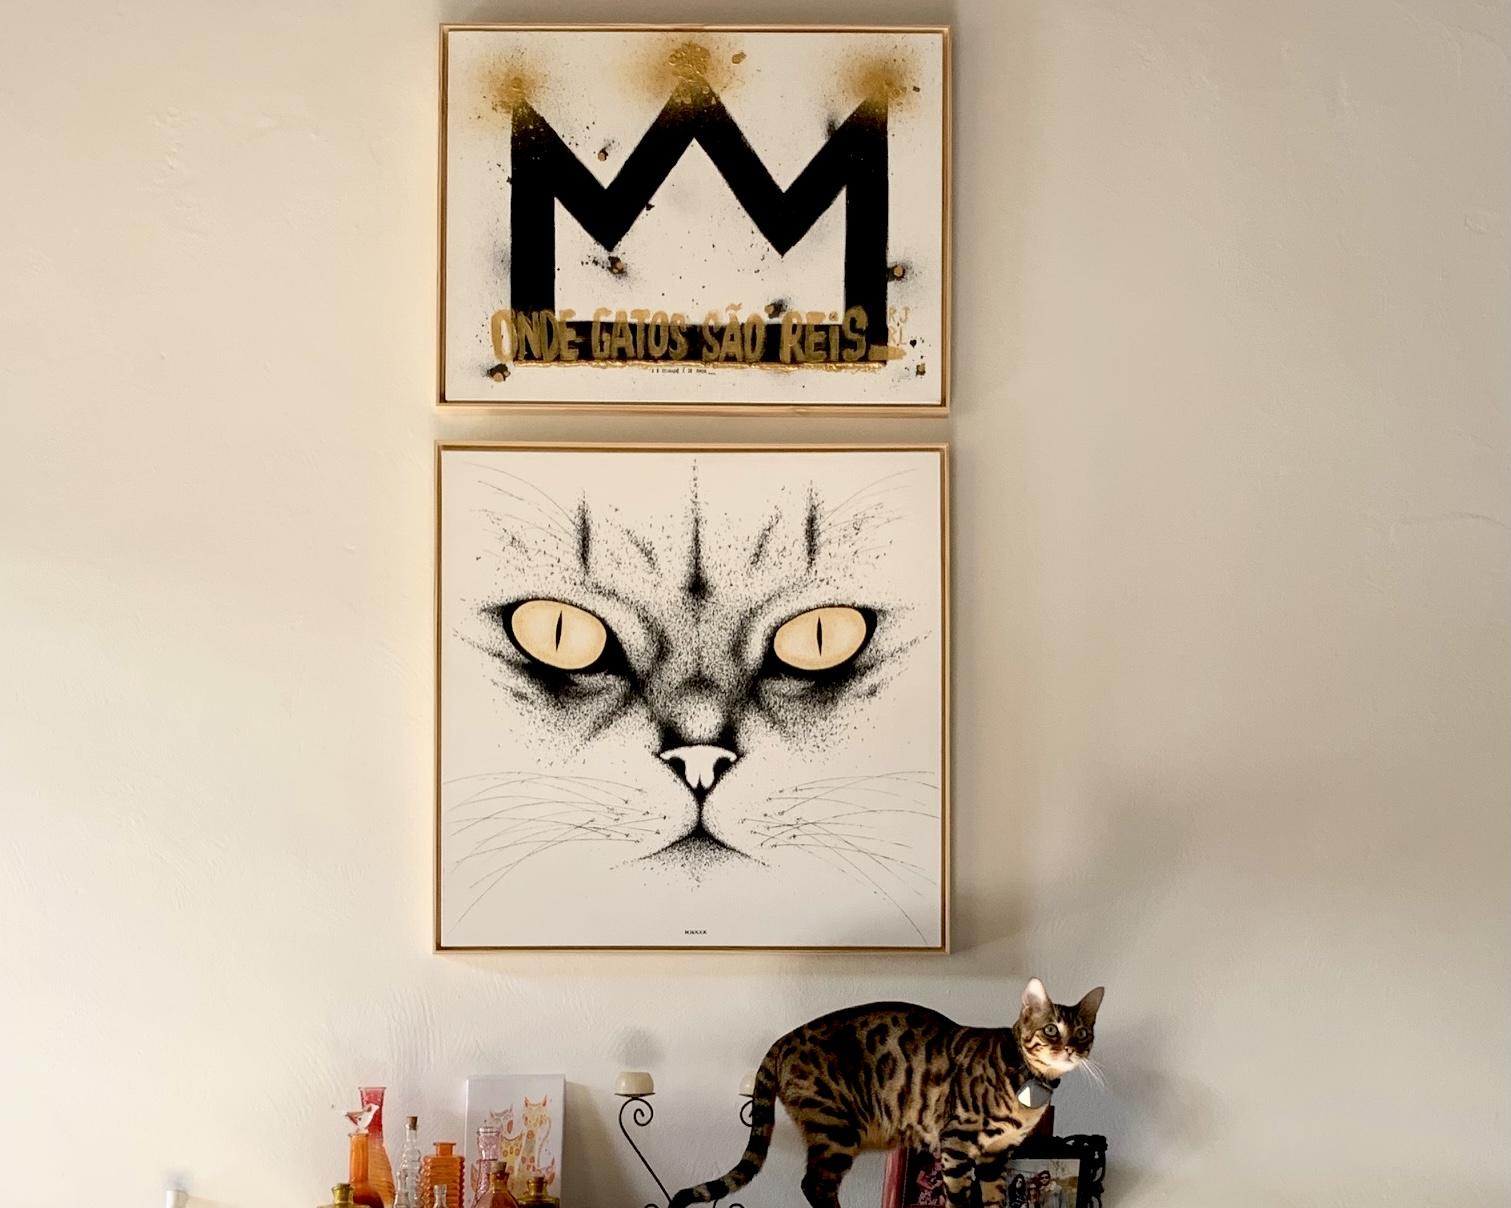 onde gatos são reis